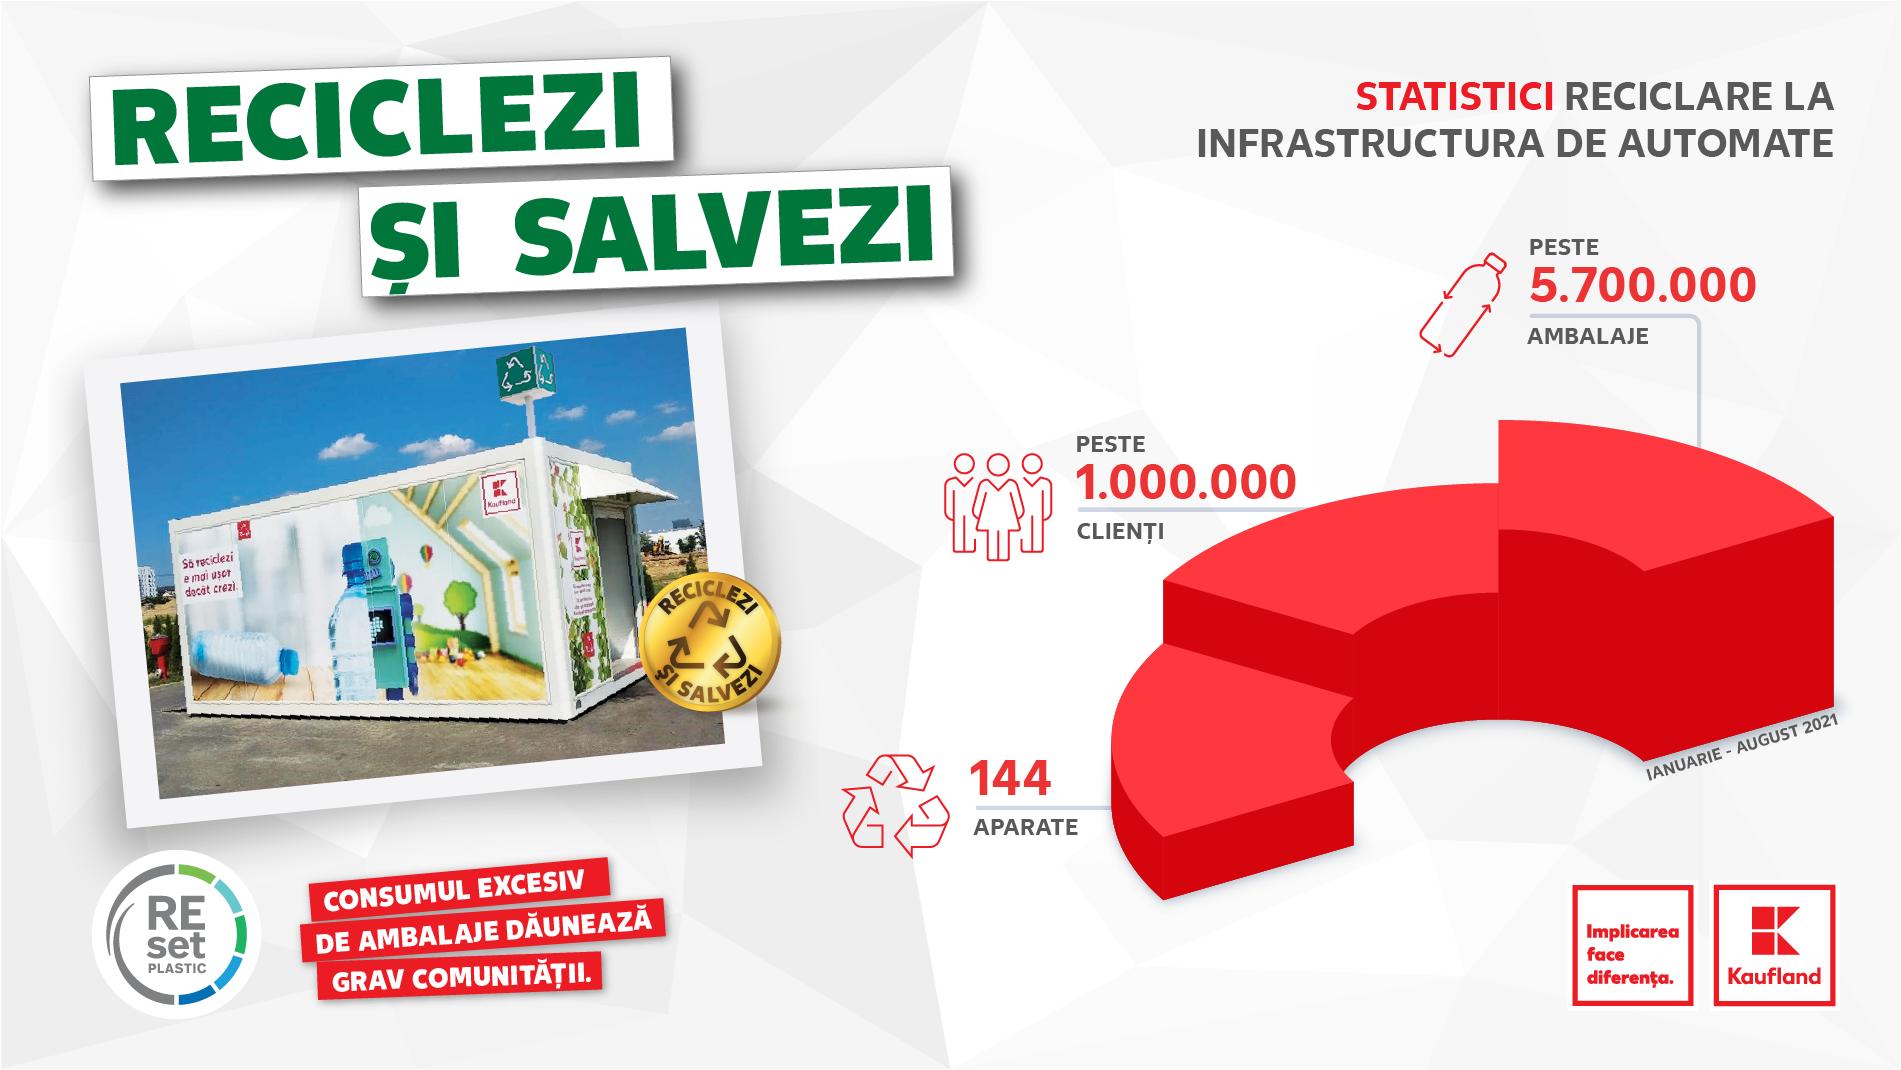 Kaufland România - primul retailer cu o infrastructură de automate de reciclare la nivel național